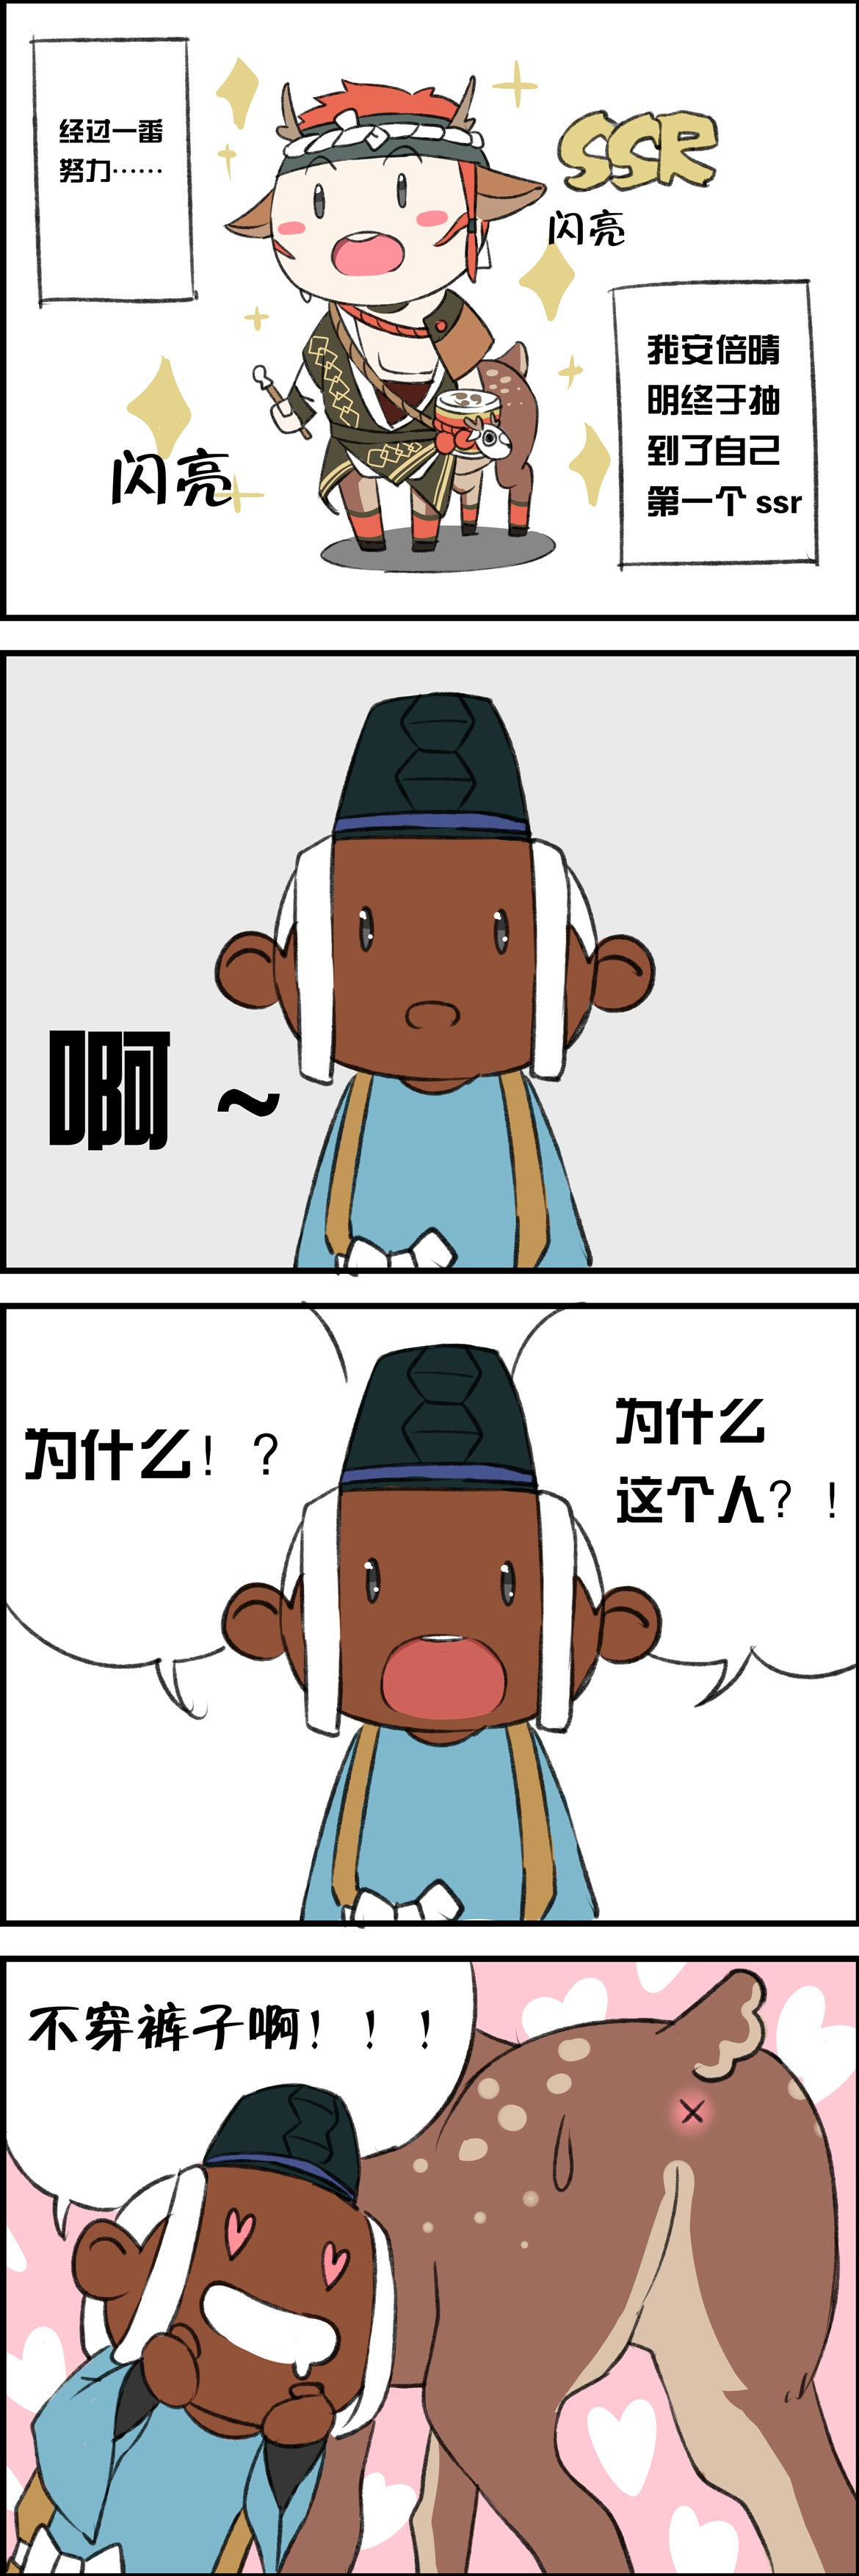 小鹿男没穿裤子.jpg